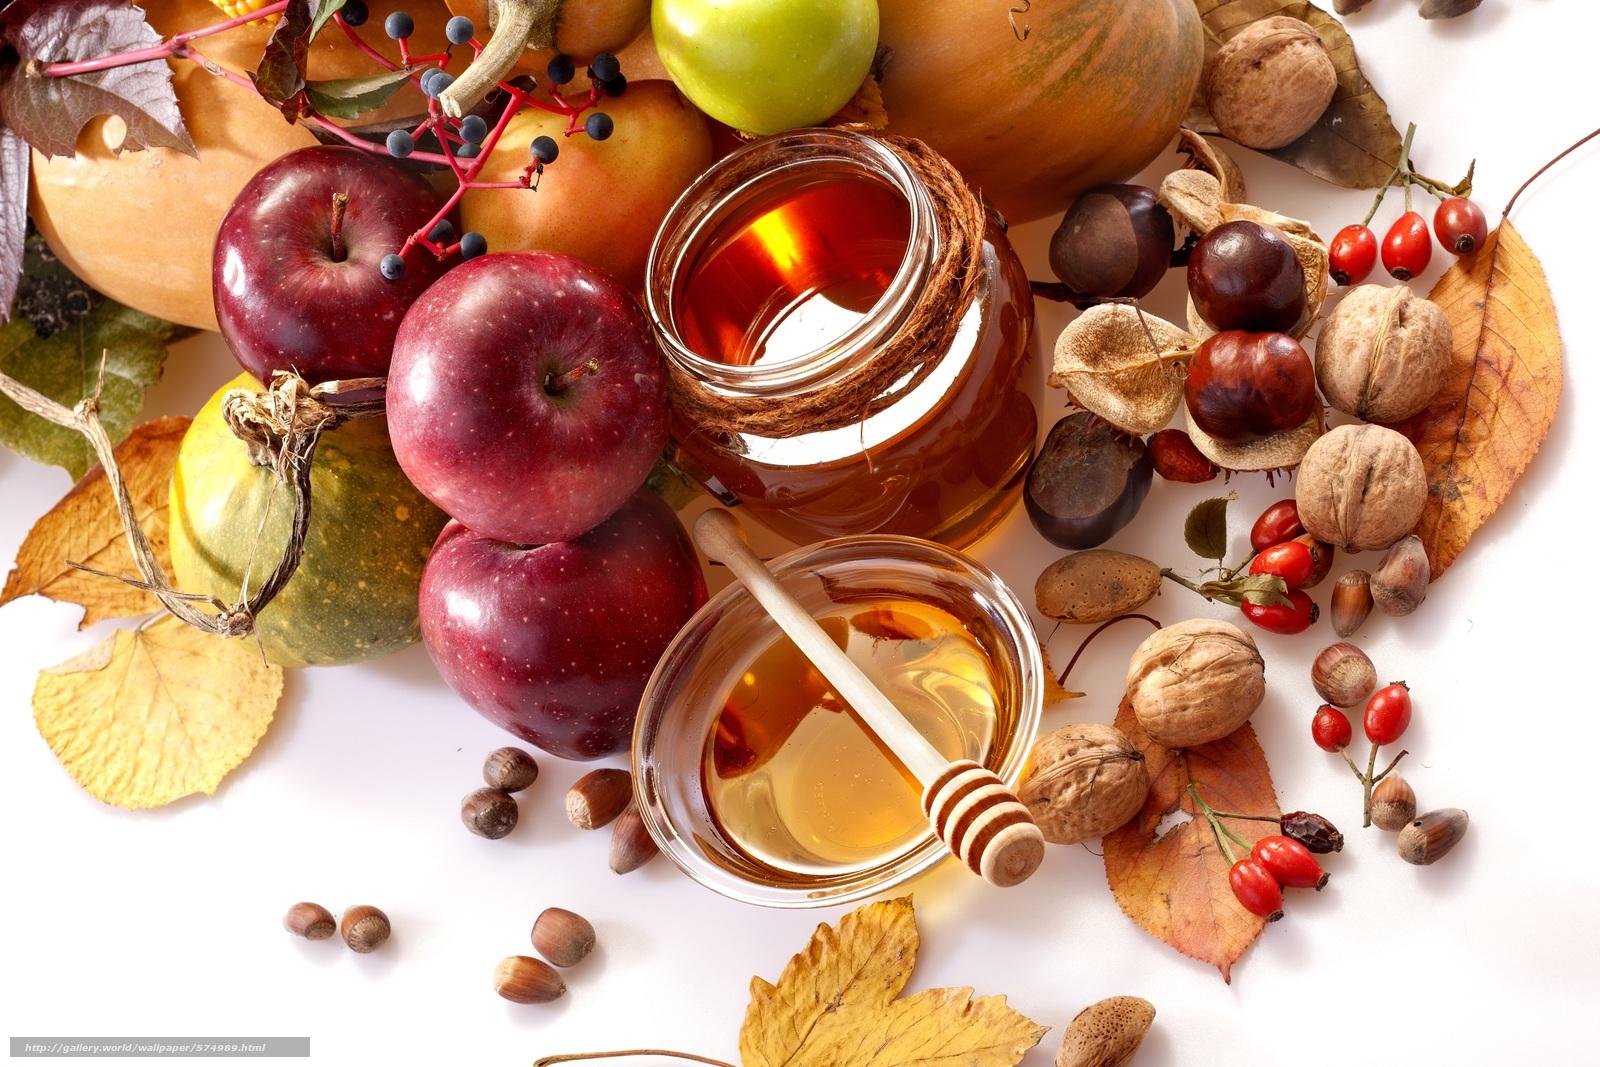 Scaricare gli sfondi pere frutta autunno pialat sfondi for Autunno sfondi desktop